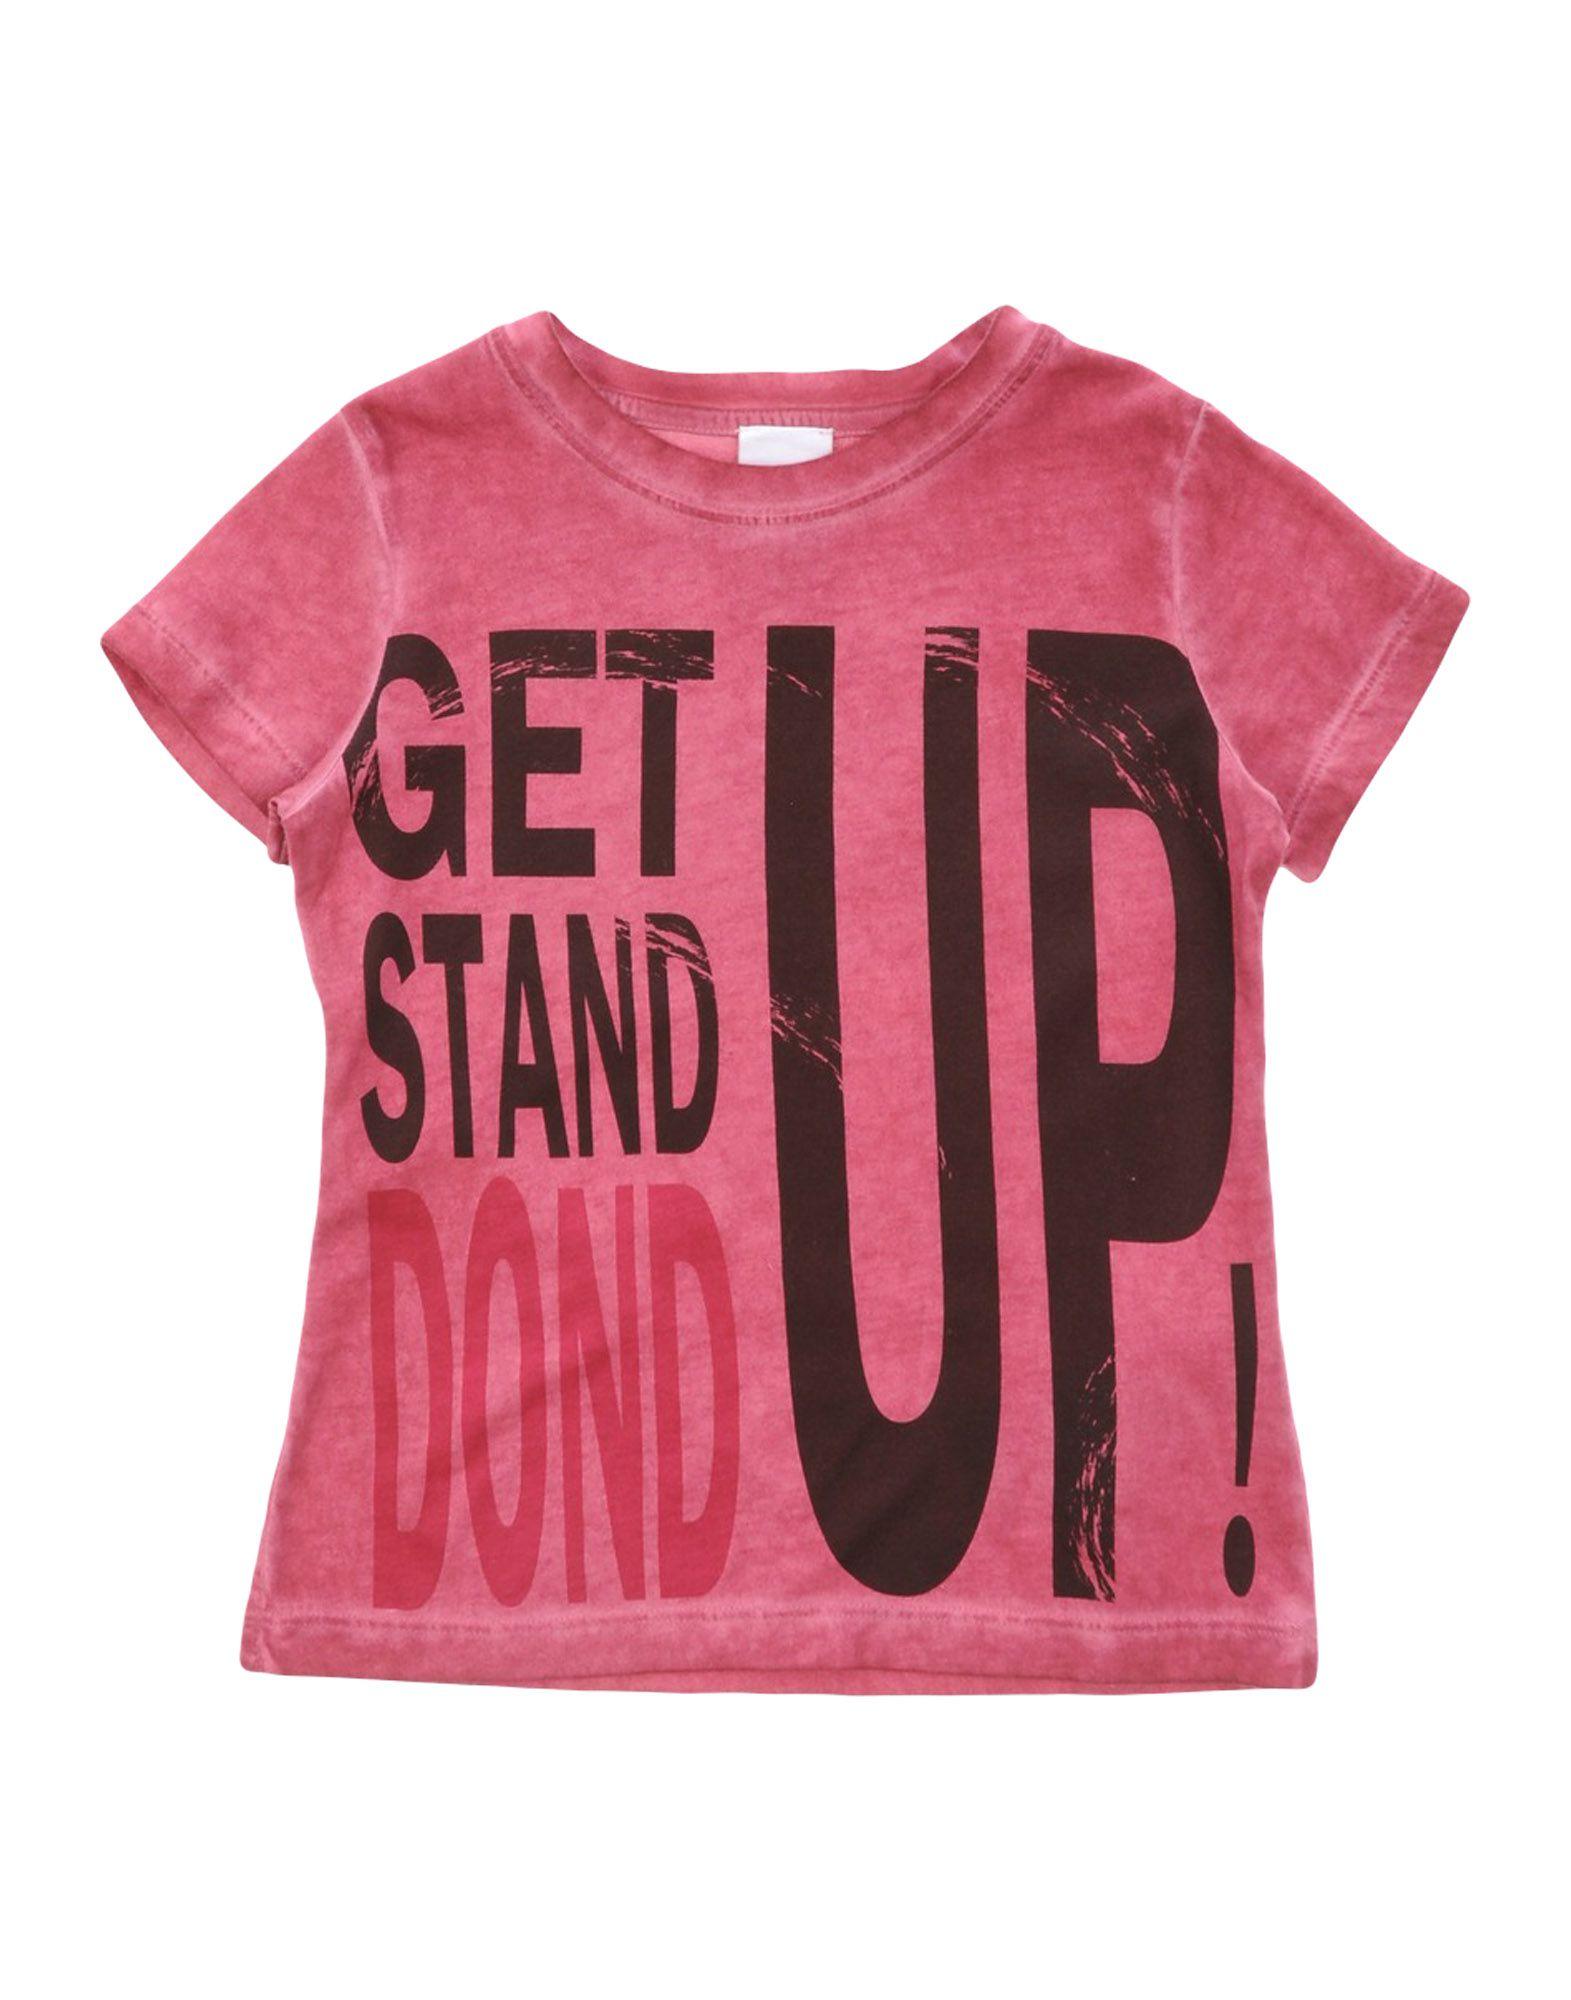 Dondup Kids' T-shirts In Pink